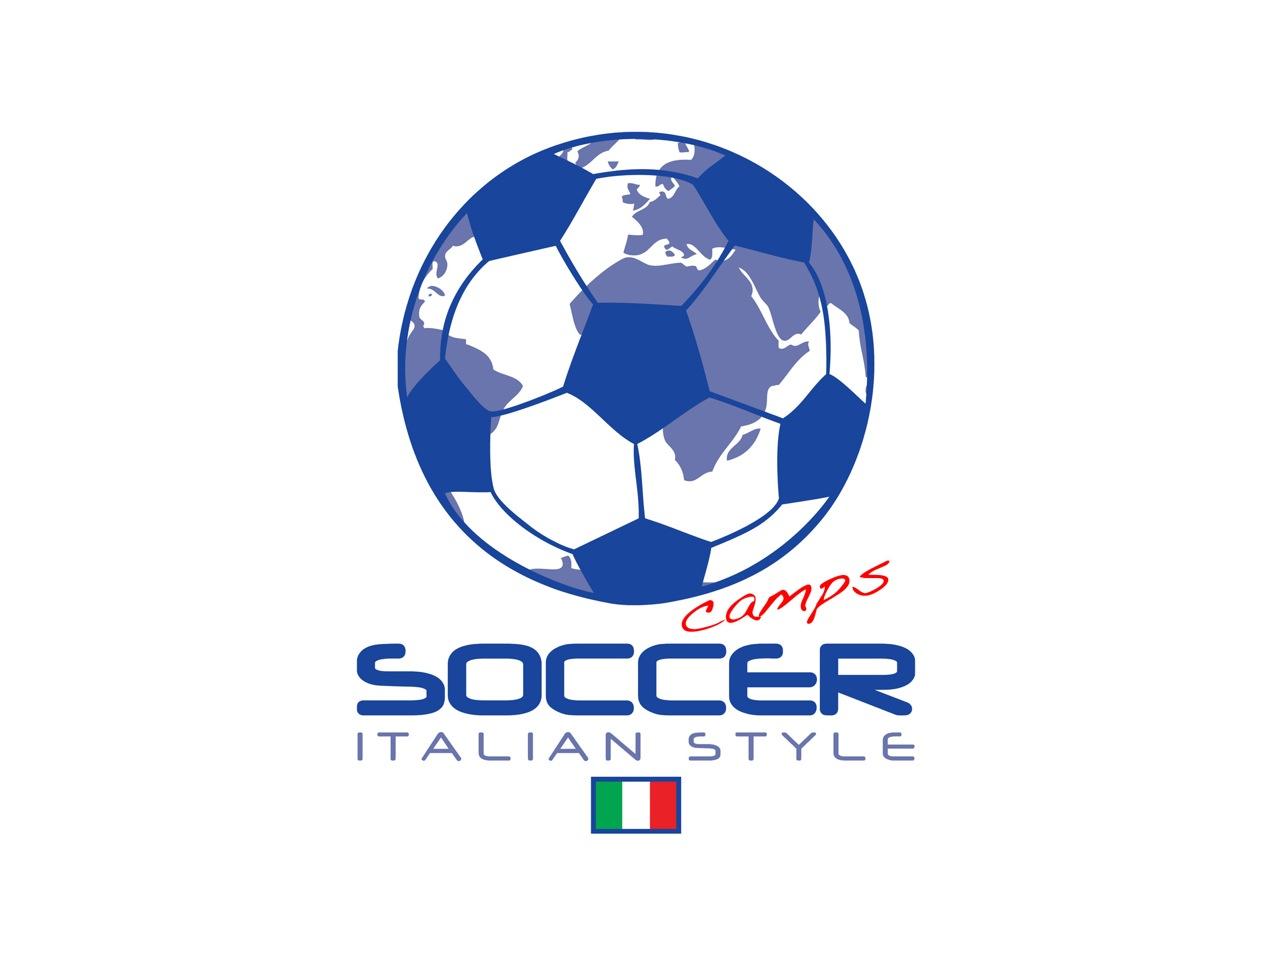 Soccer Italia - 6